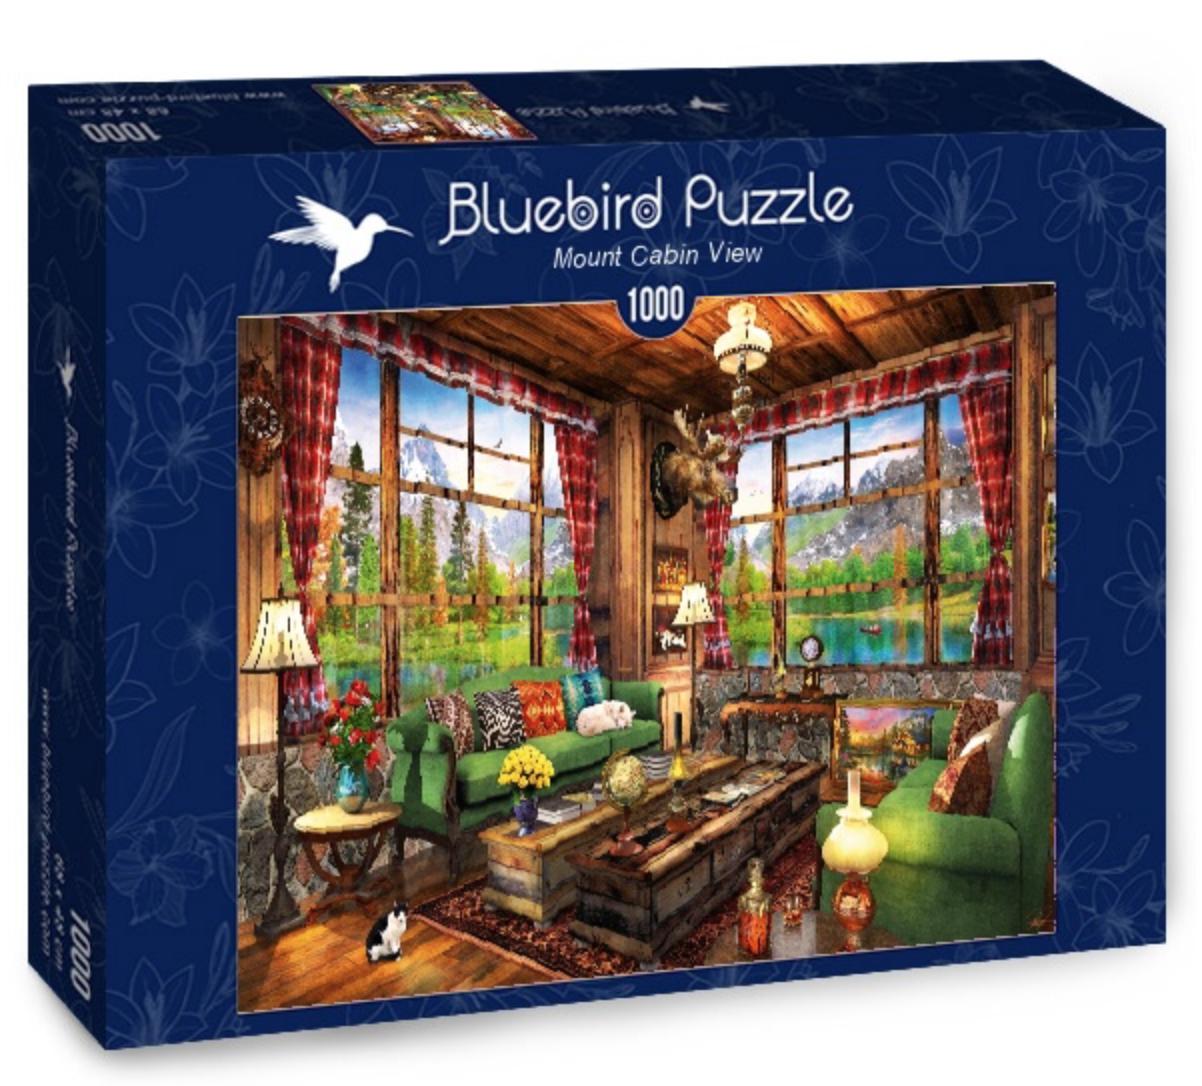 Voordelig Bluebird Puzzles Kopen Brede Keuze Puzzels123